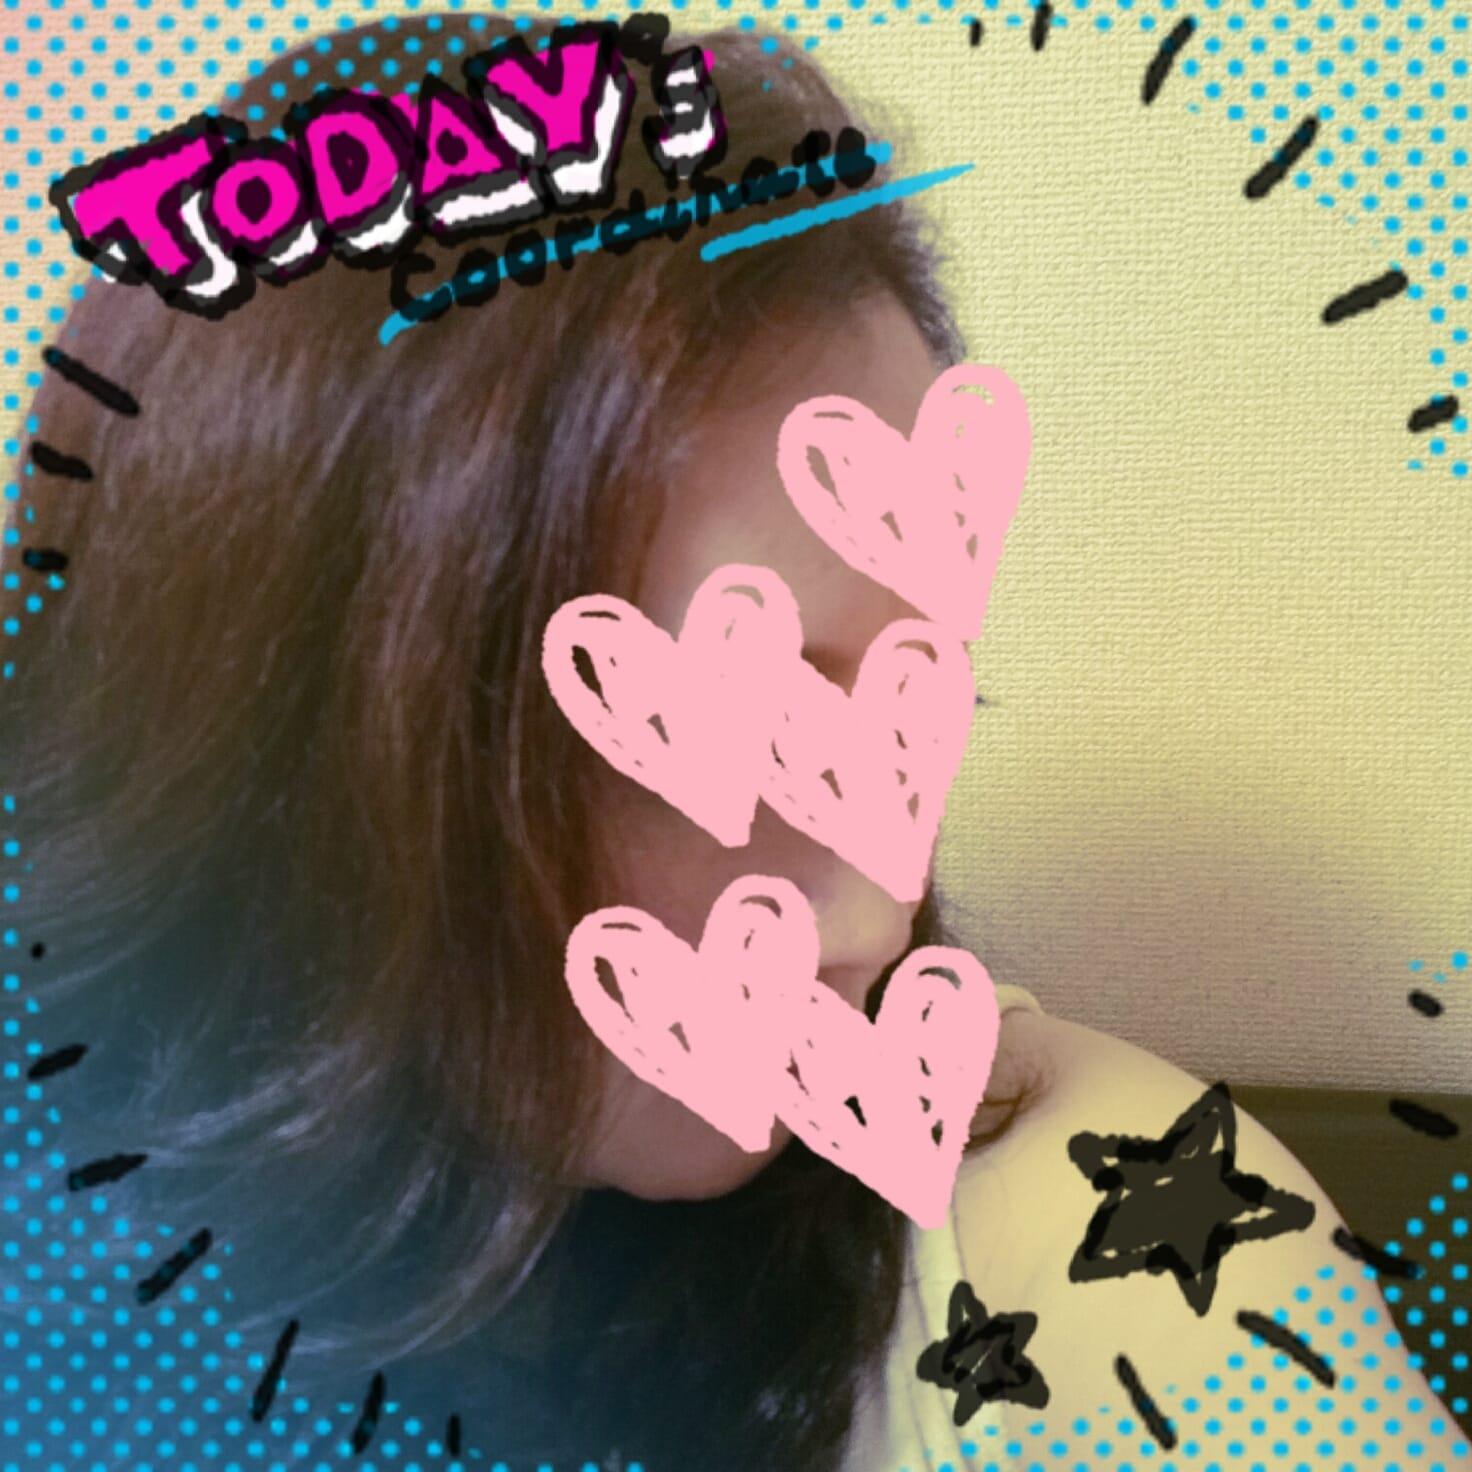 「こんばんわ✨」03/12(03/12) 21:20   理香子(りかこ)の写メ・風俗動画